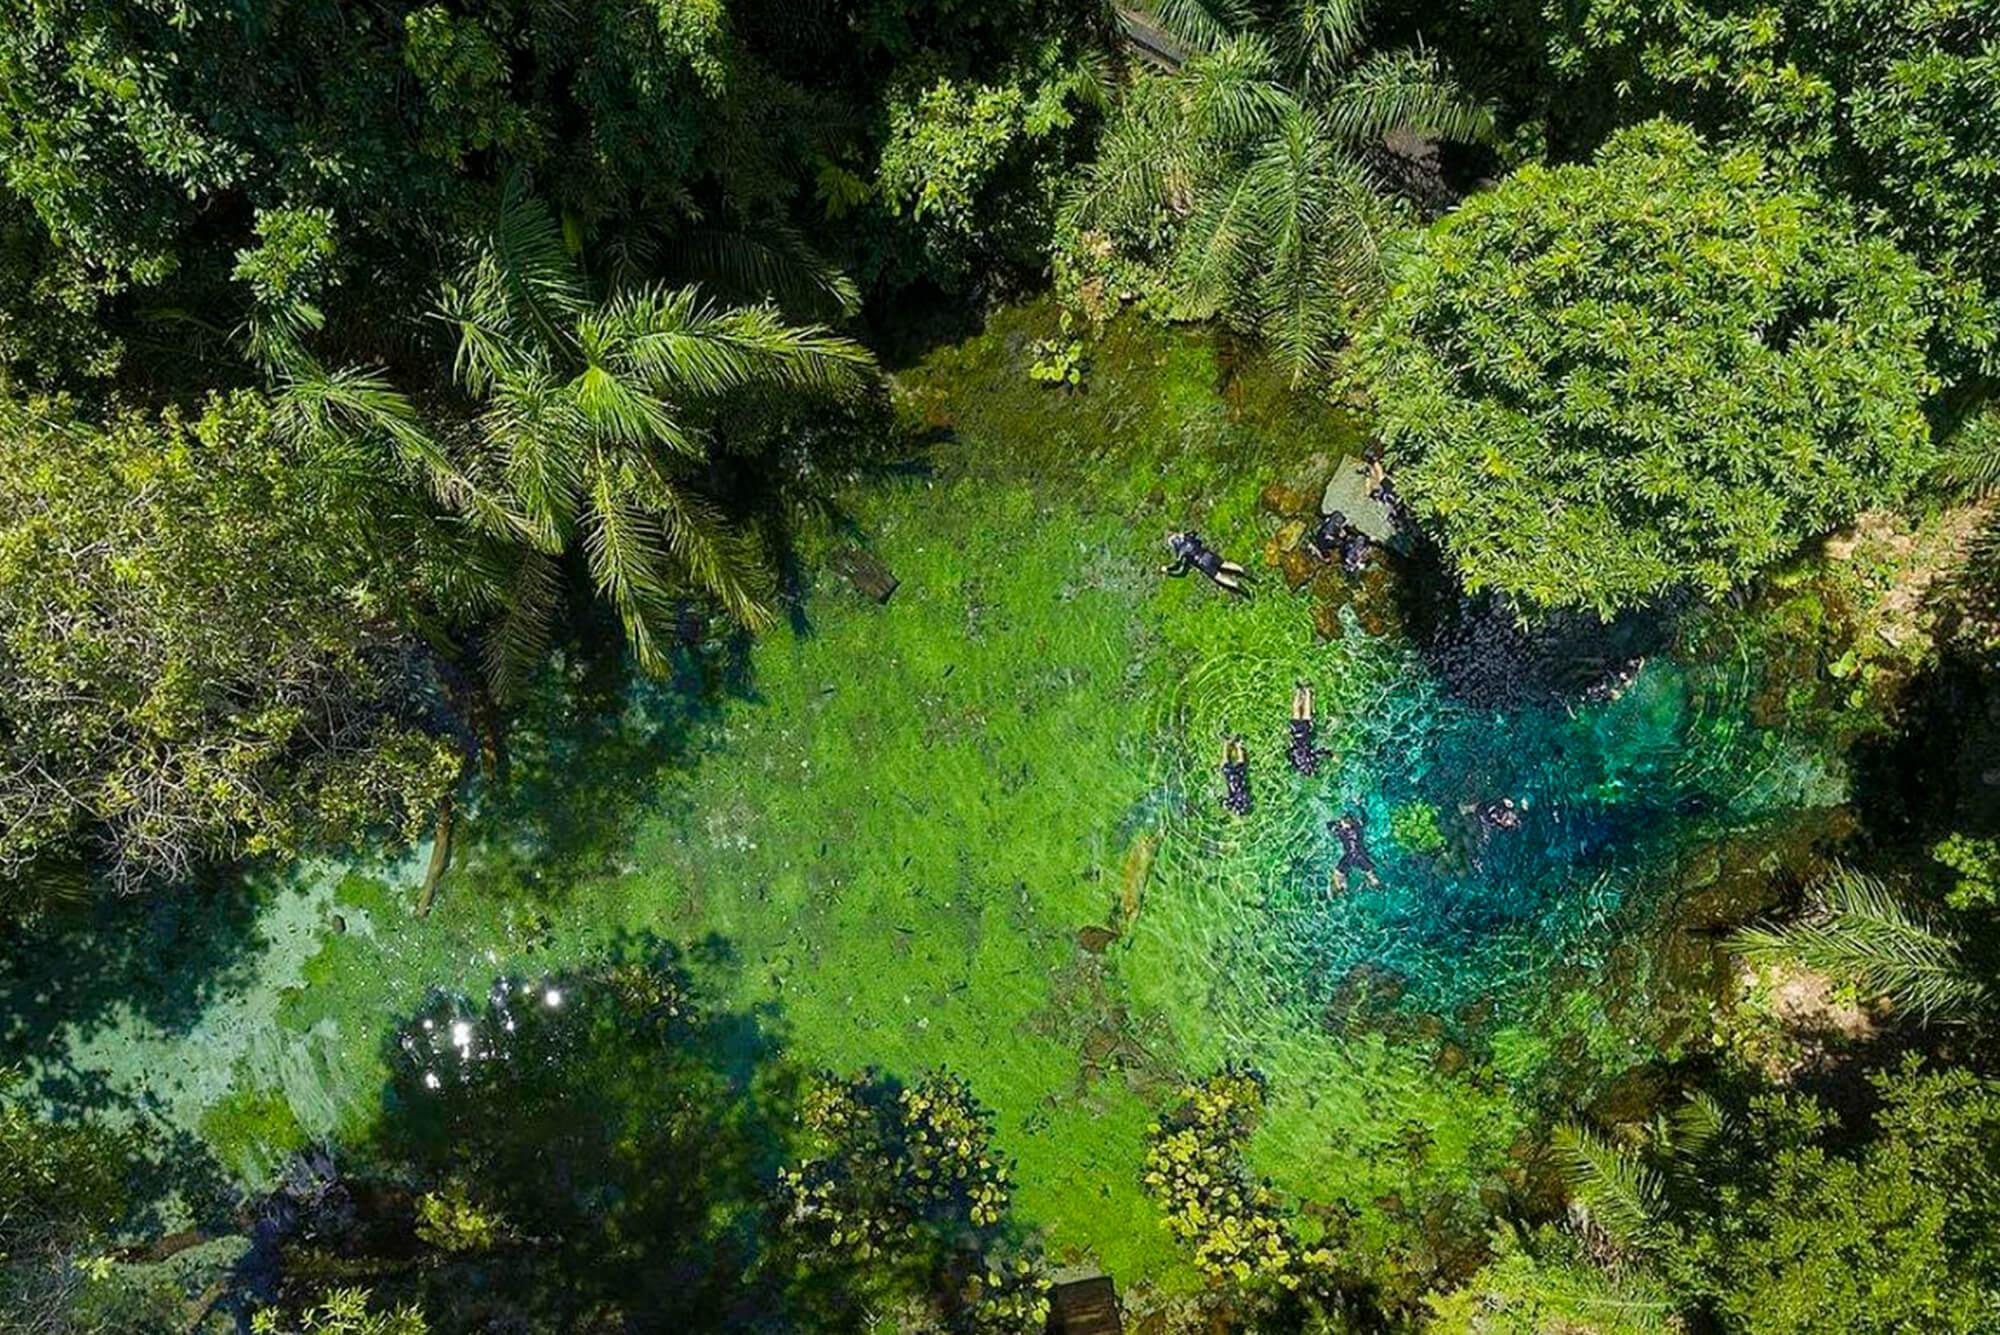 guia completo sobre ecoturismo em bonito ms